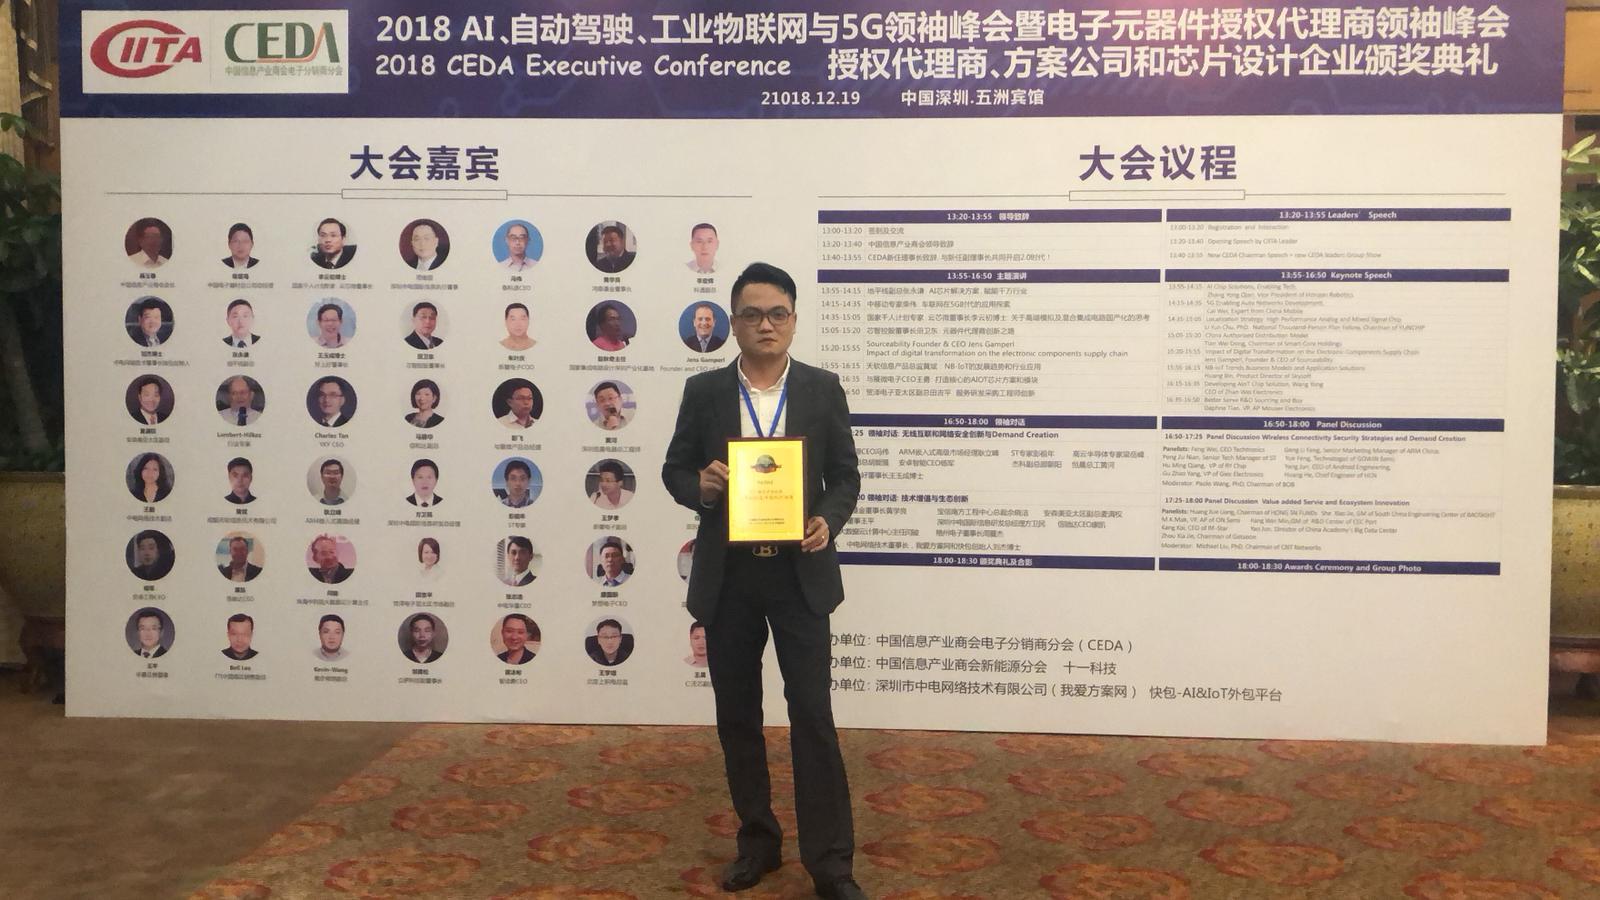 赫联电子荣获2018优秀被动元件授权代理商奖项